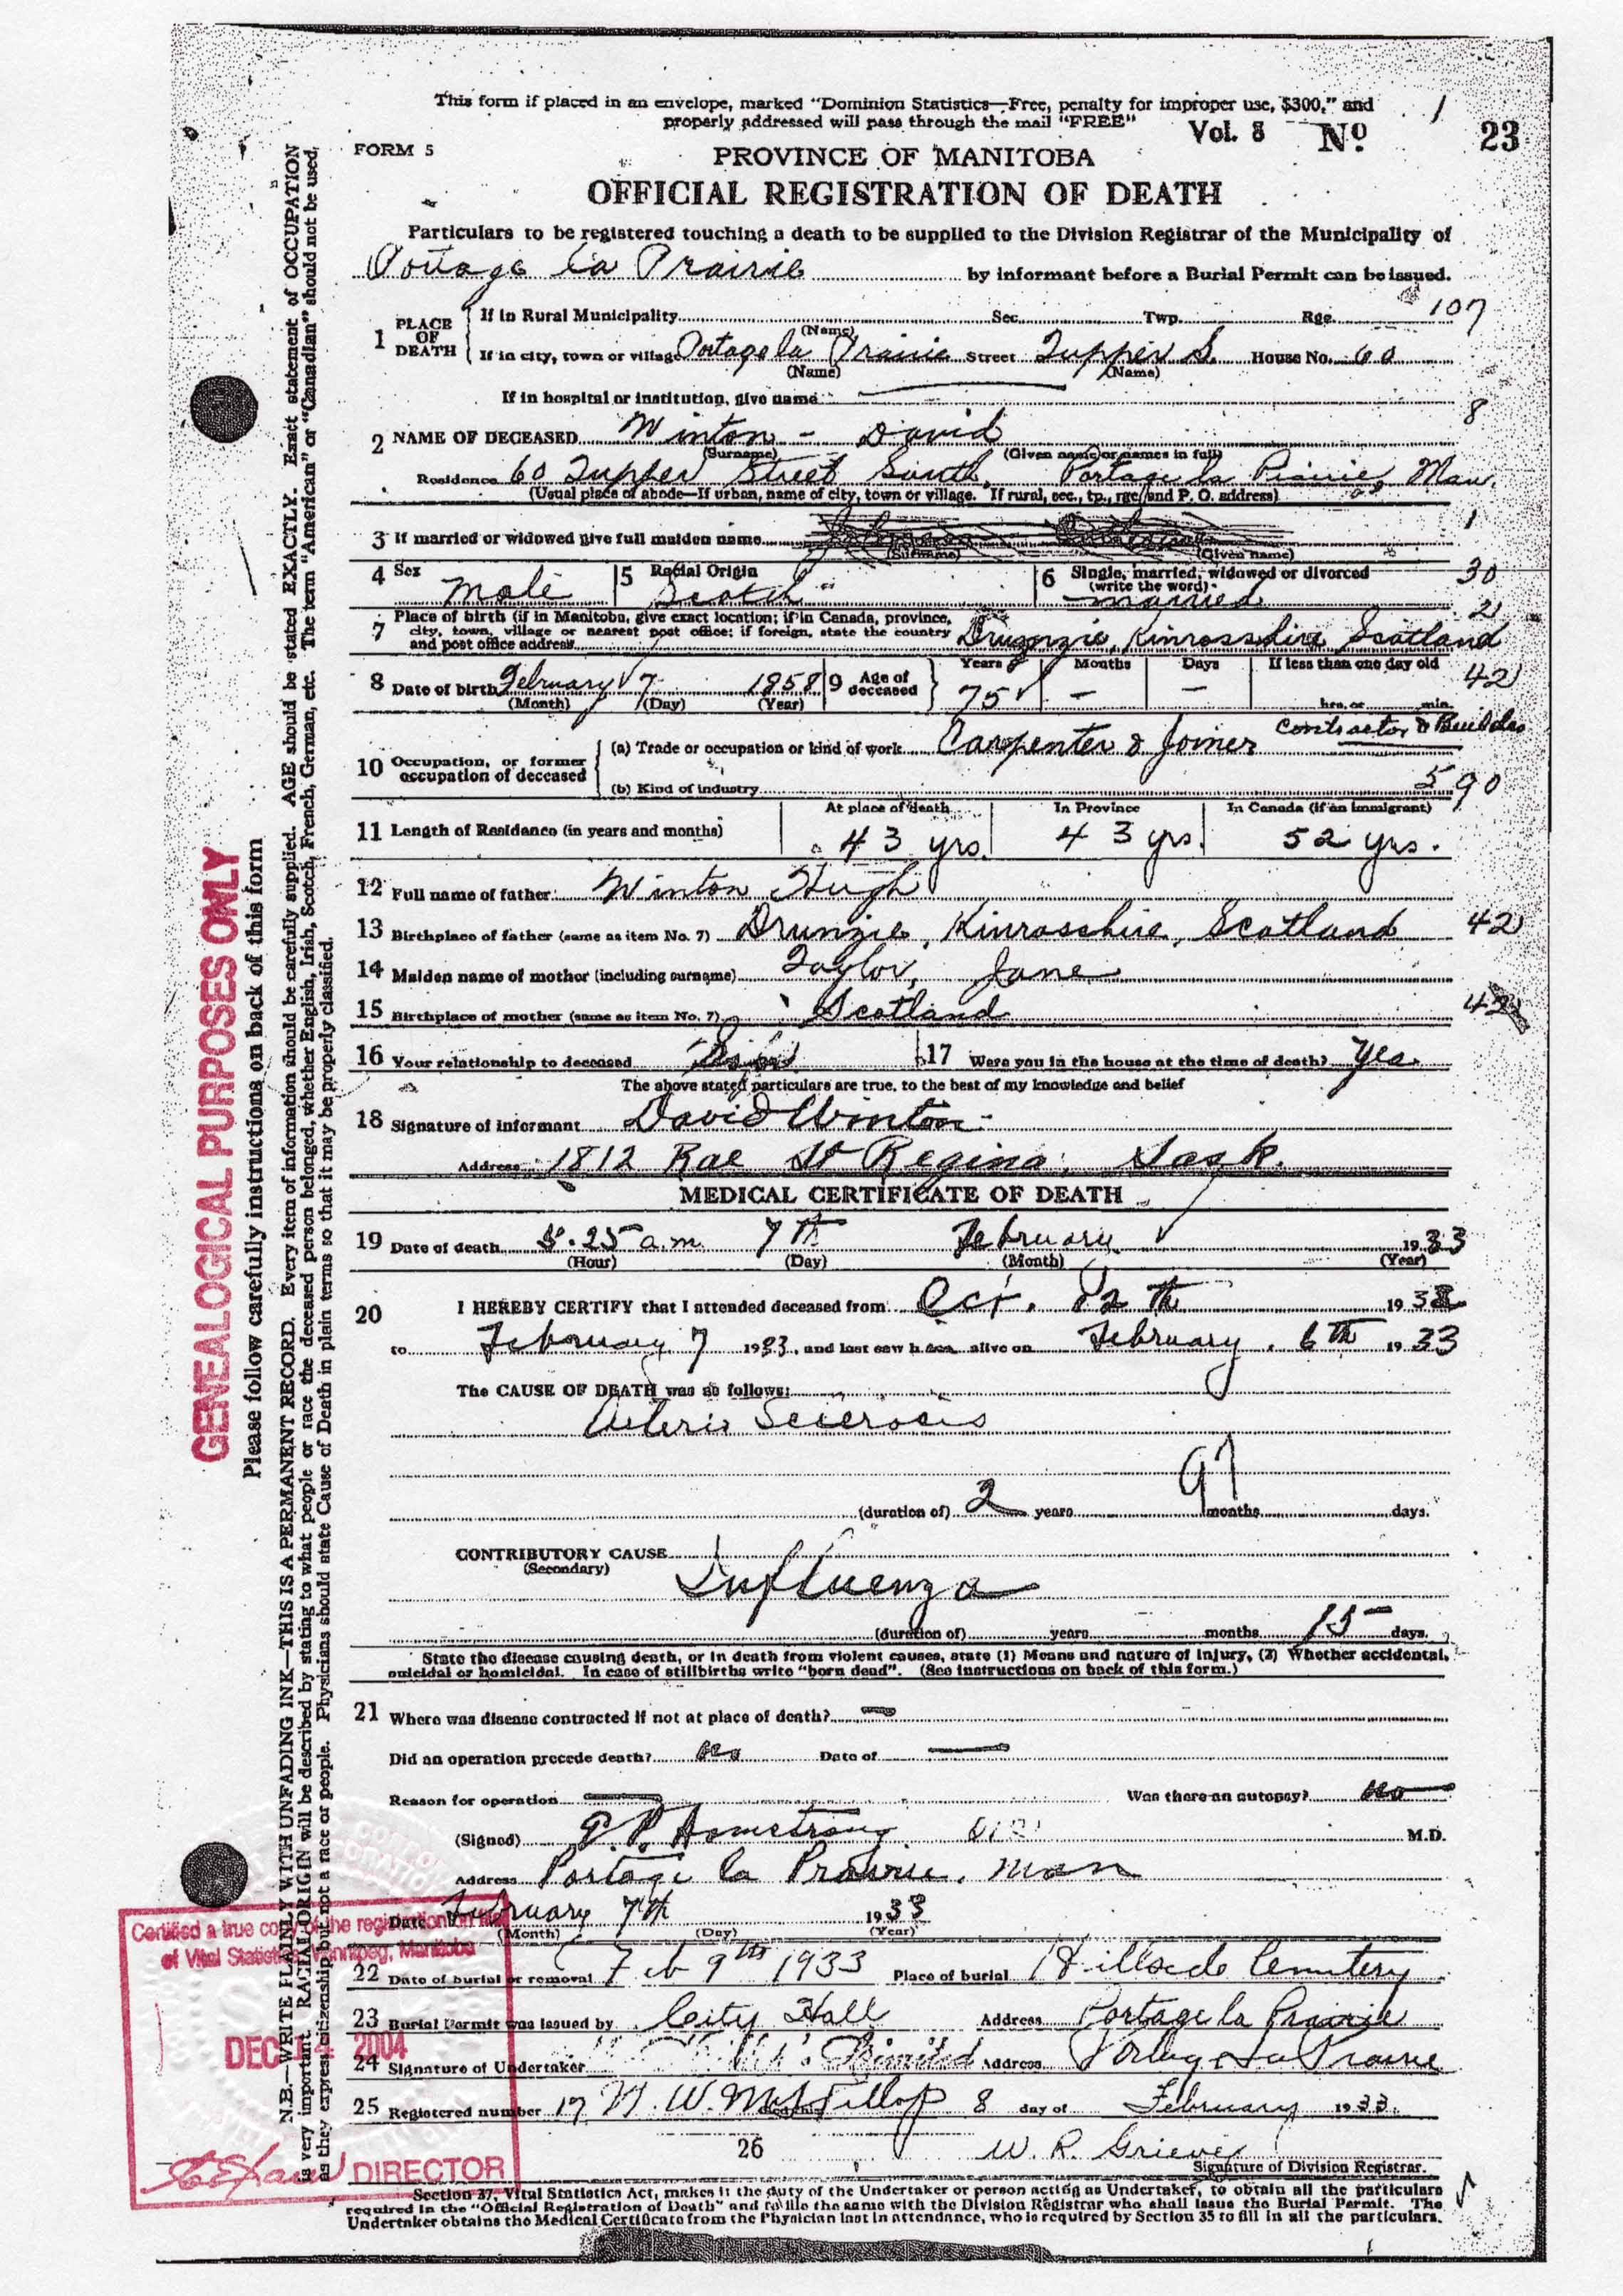 Sources official registration of death david winton 7 feb 1933 portage la prairie manitoba canada vol8 no23 informant david winton son aiddatafo Image collections